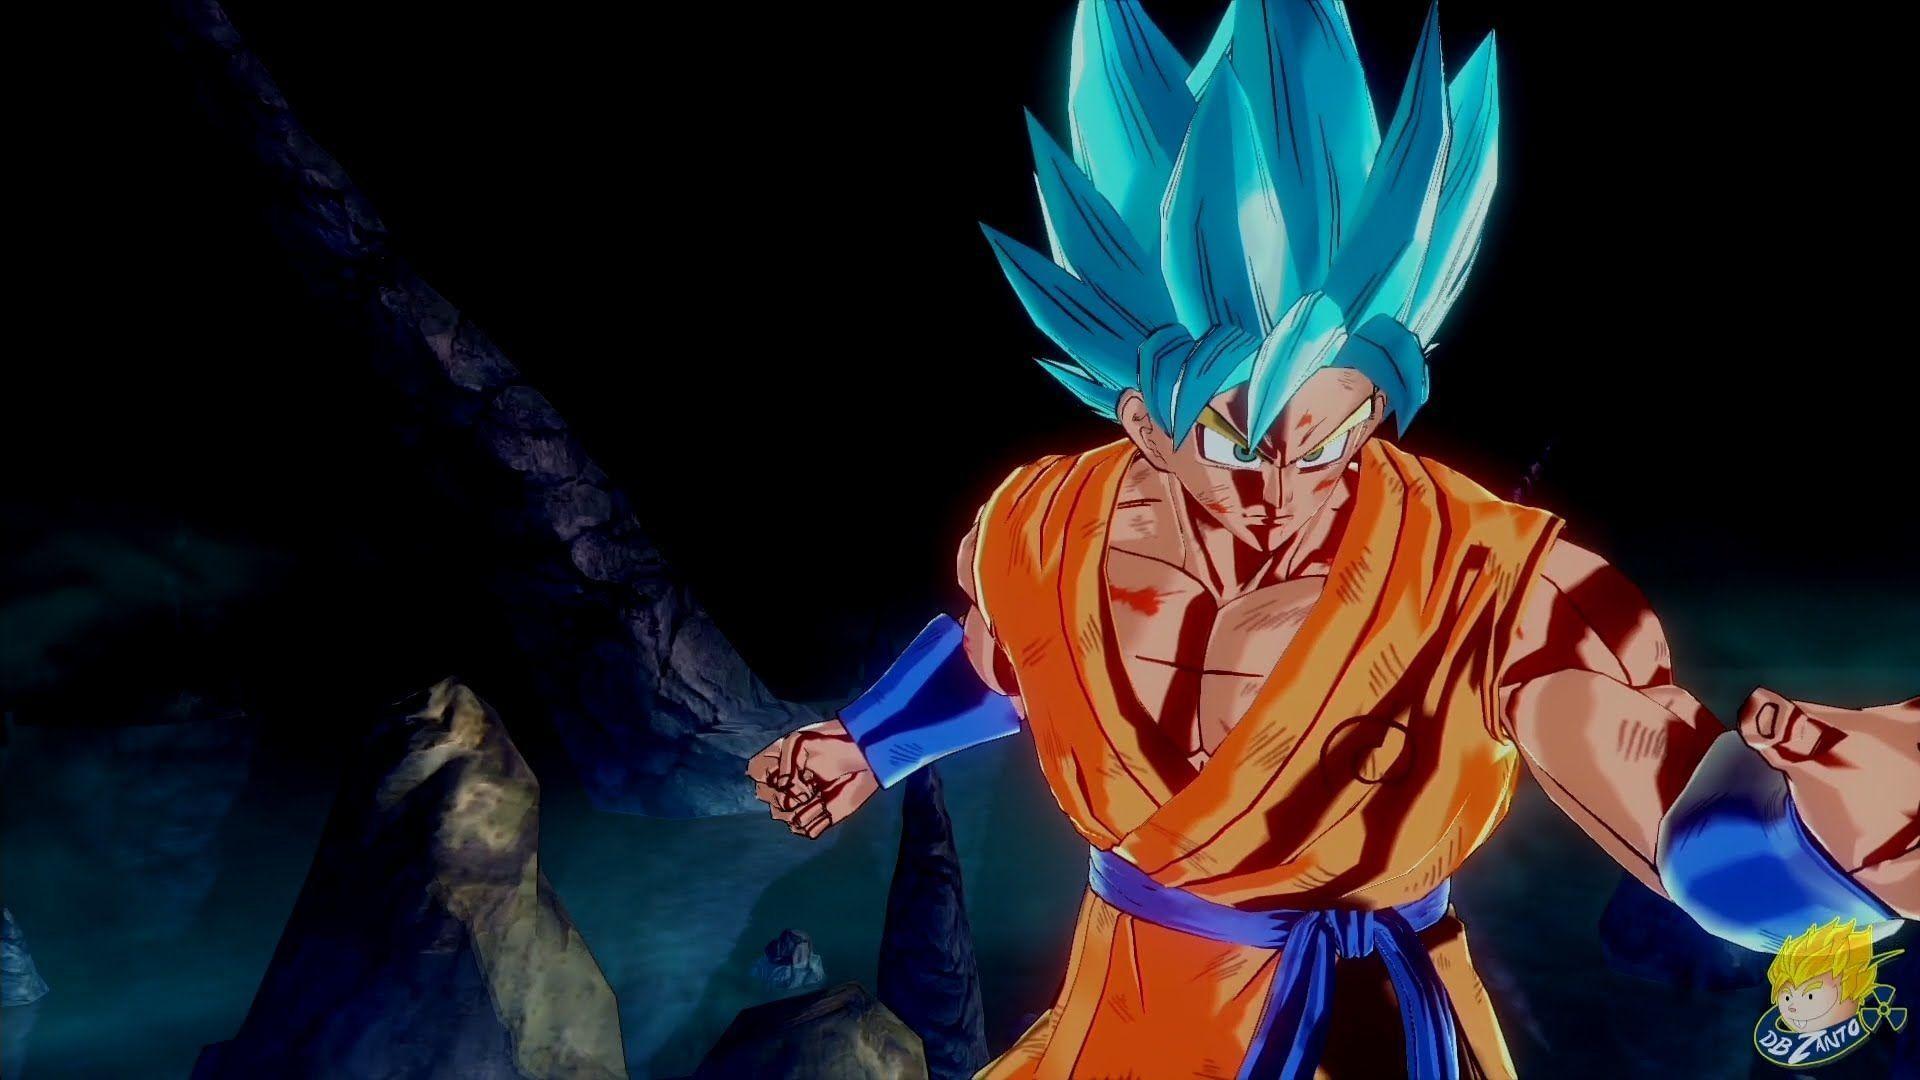 Dragon Ball Xenoverse (PS4): Super Saiyan God Super Saiyan Goku's .